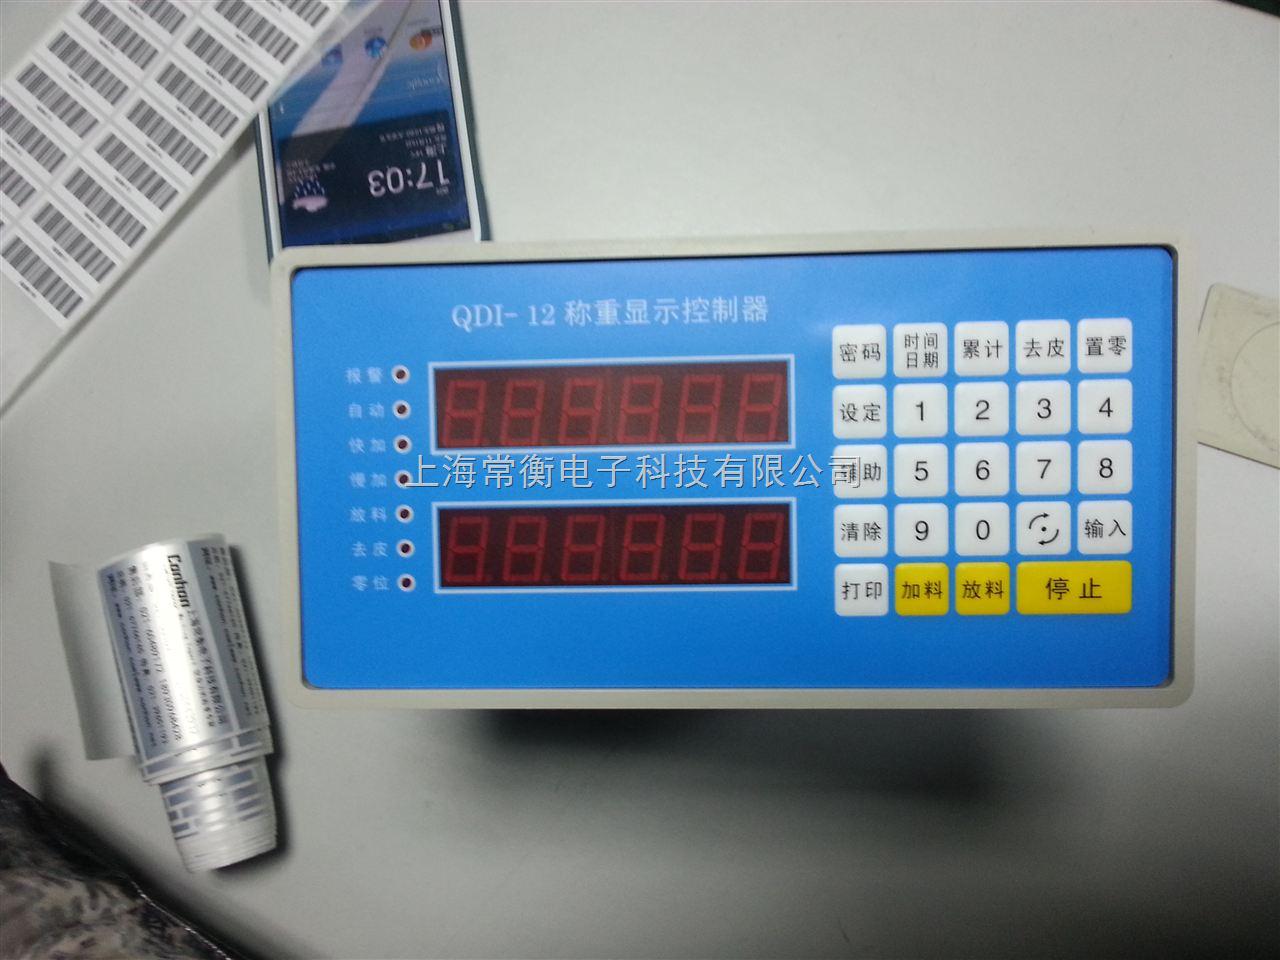 -12称重控制显示器